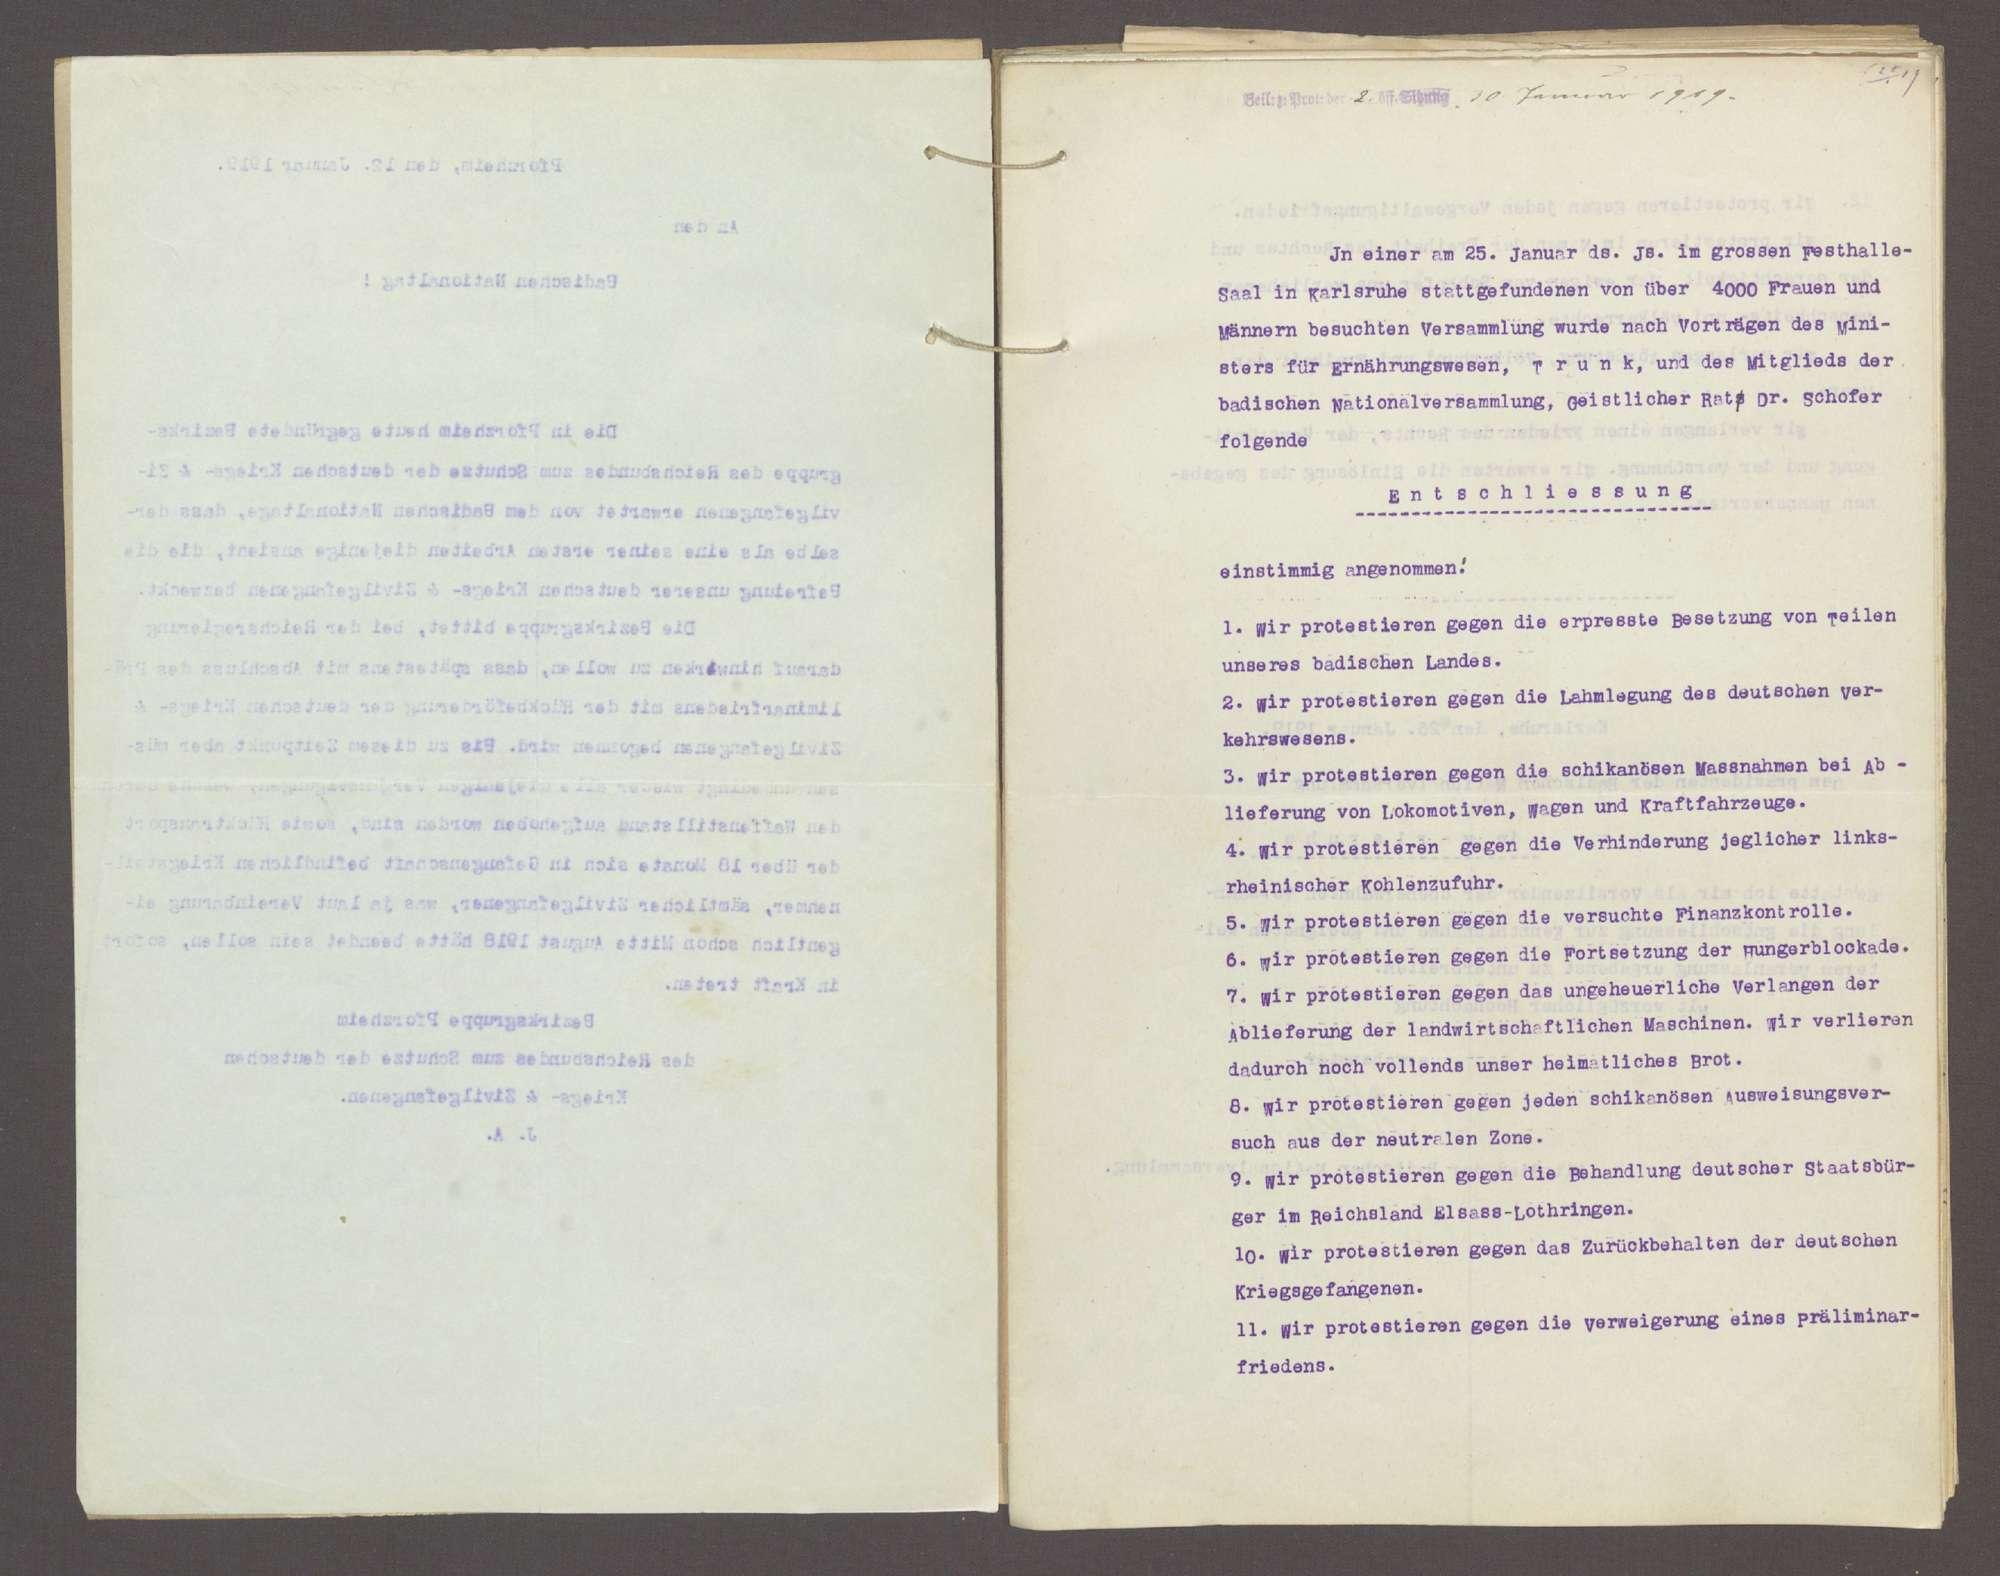 Entschließung auf Grund von Protesten gegen das Verhalten unserer Gegner in der Waffenstillstandsfrage, insbesondere auch im Betreff der Gefangenenbehandlung, Bild 3